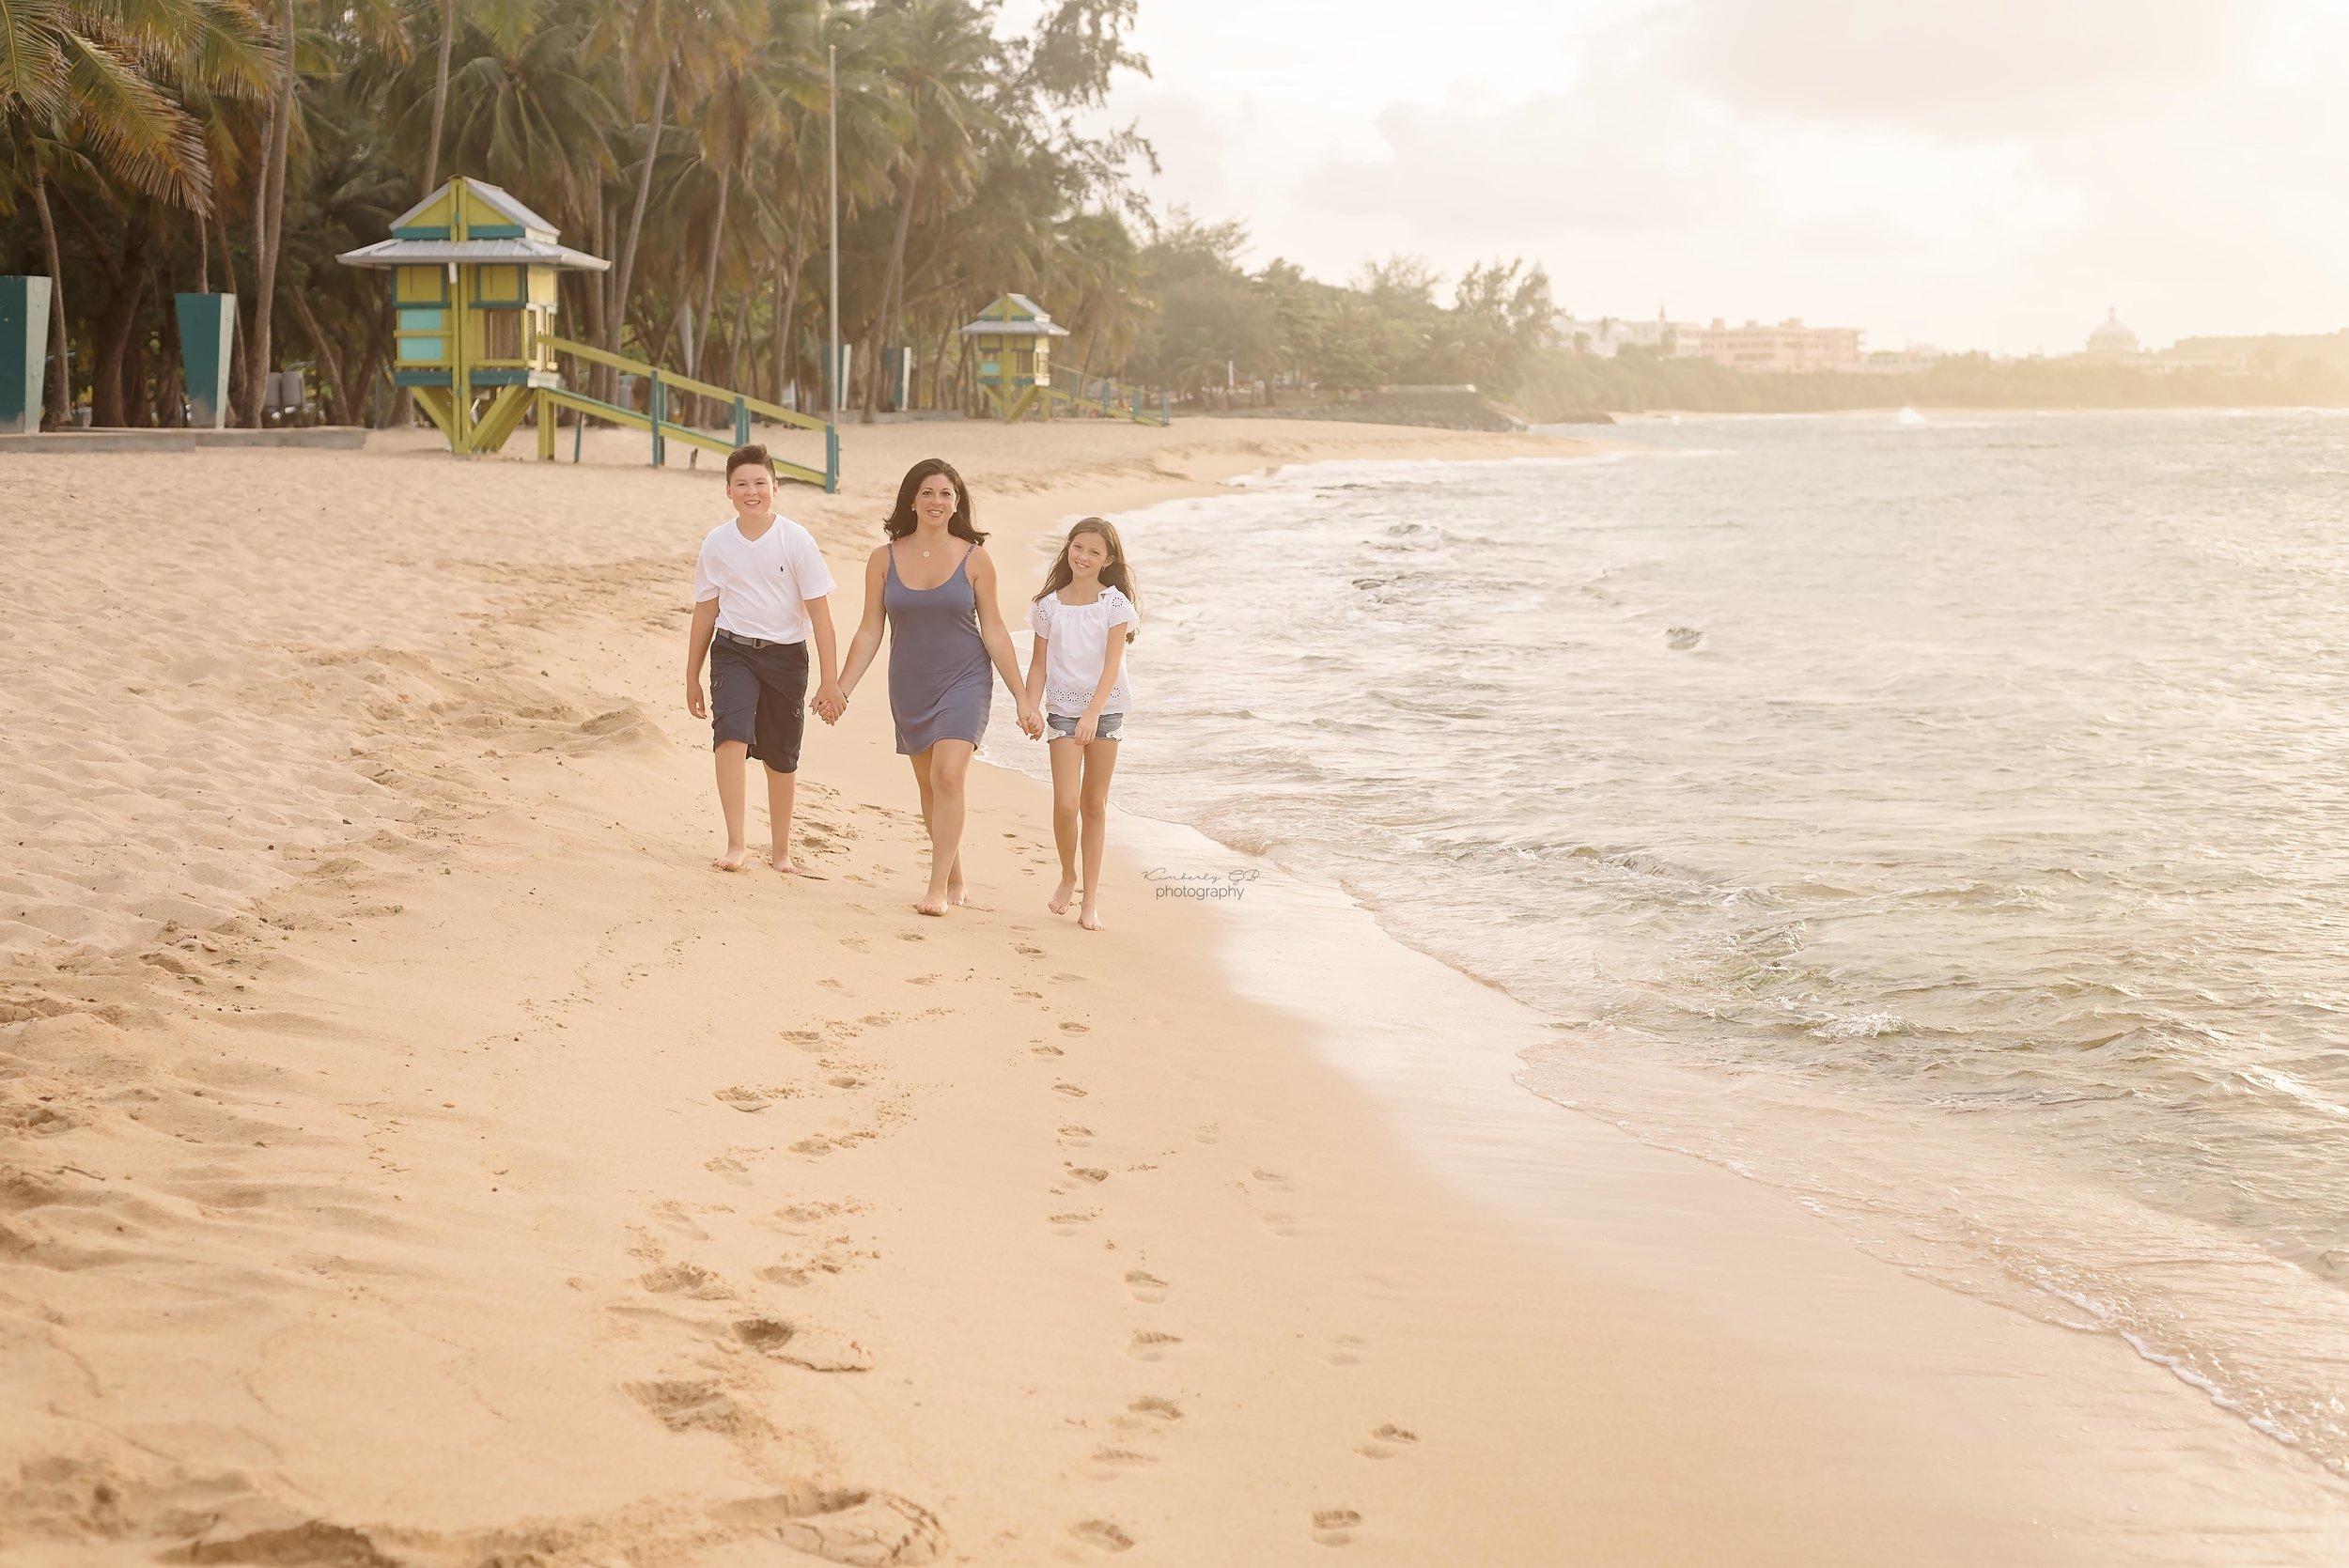 kimberly-gb-photography-fotografa-portrait-retrato-family-familia-puerto-rico-49.jpg